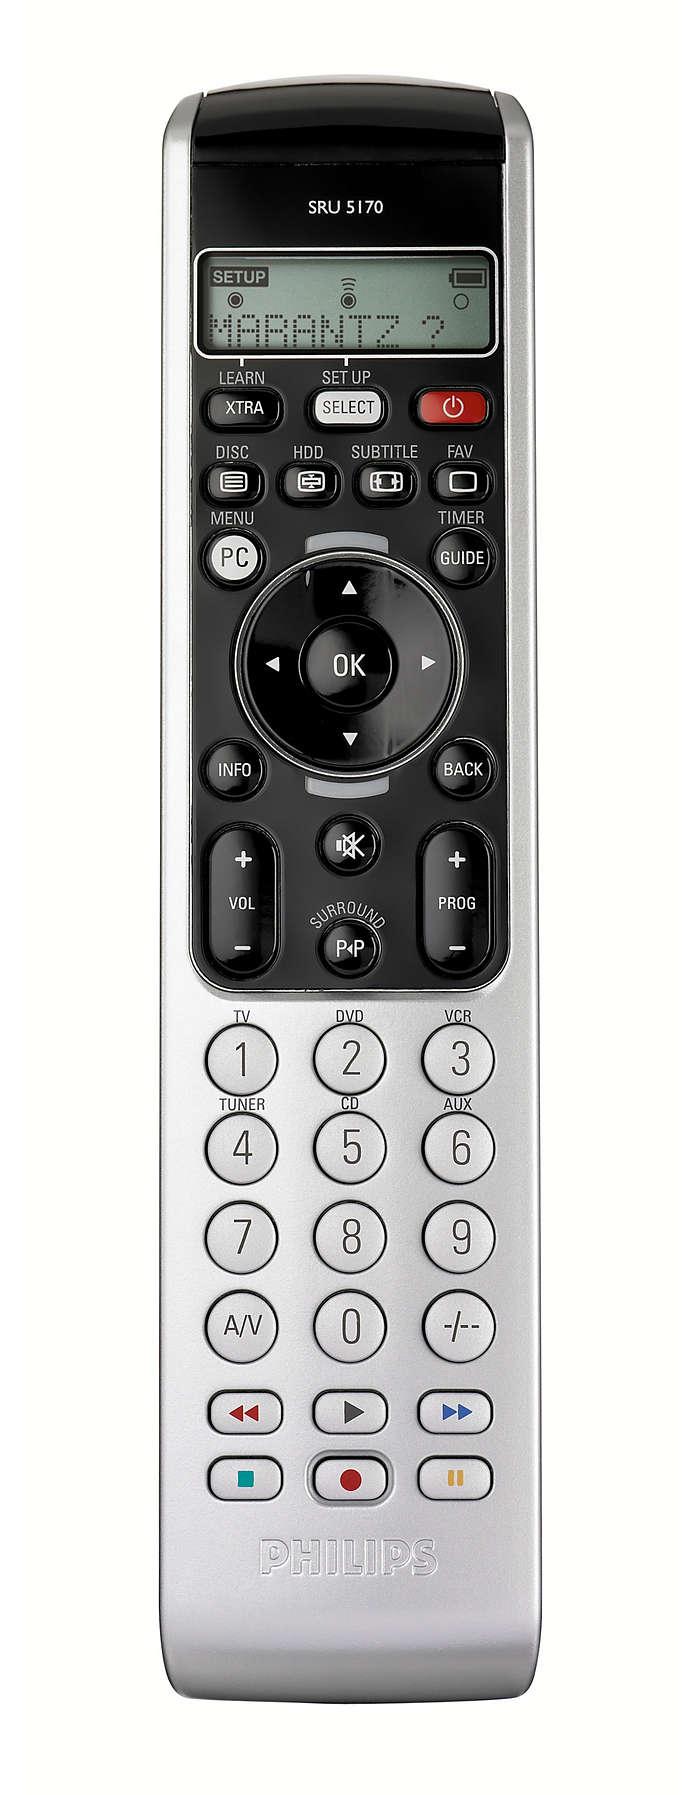 Configuración guiada mediante la pantalla LCD